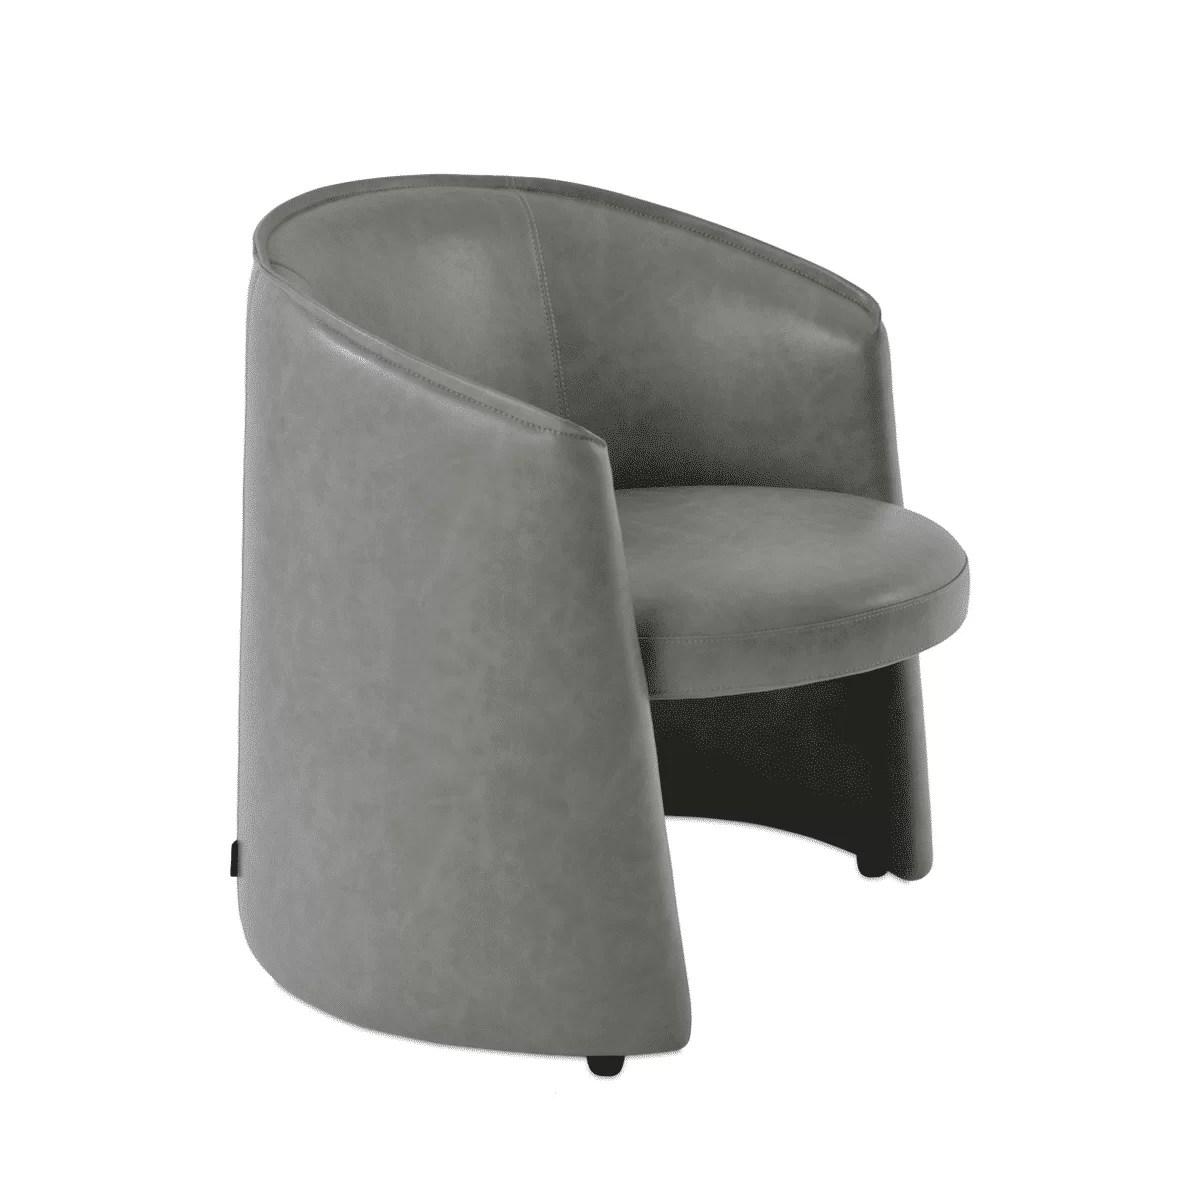 Accent Chair From Oggetti Designs Miami: Modern Sense Furniture